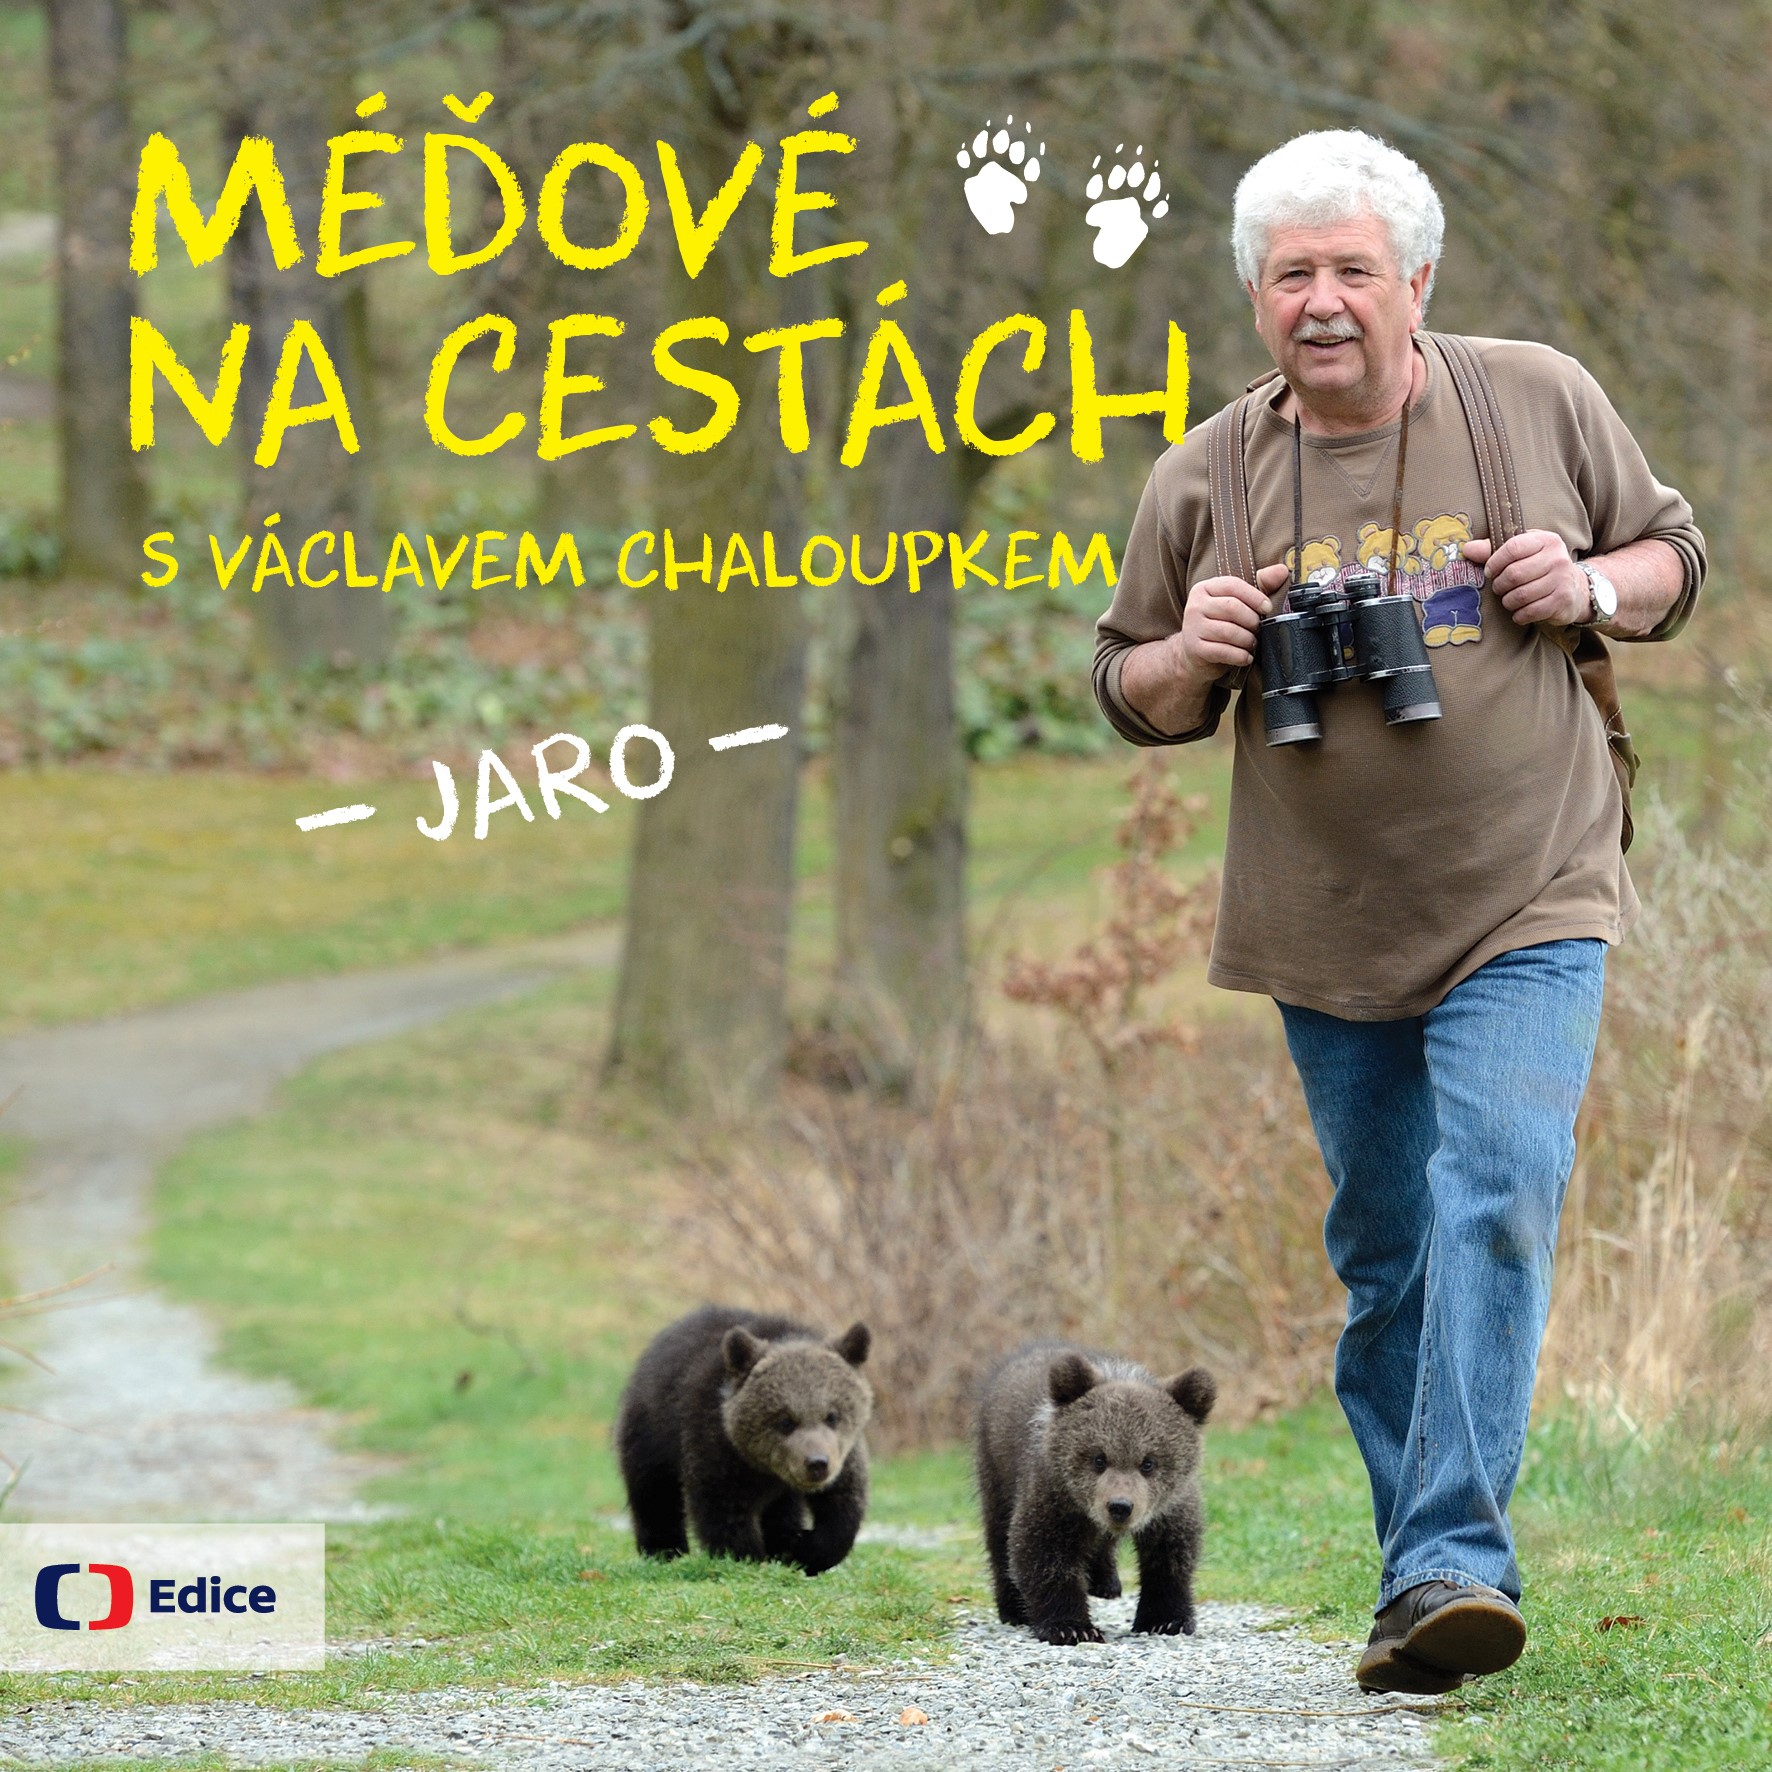 Méďové na cestách JARO | Václav Chaloupek